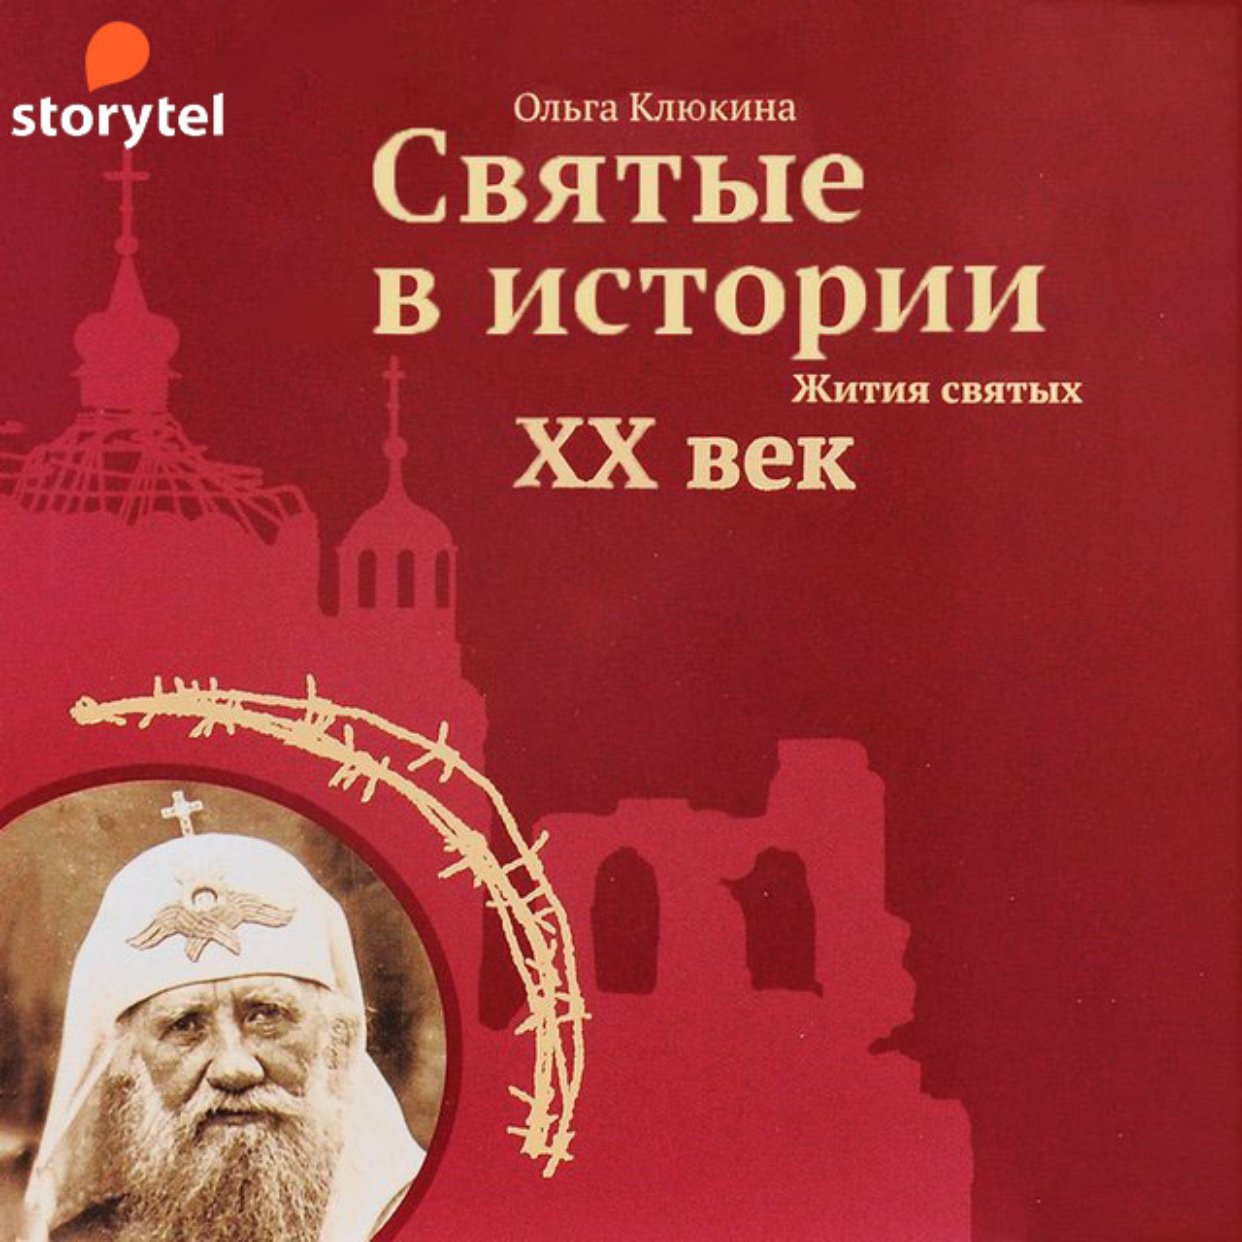 Святые в истории. Жития святых. XX век